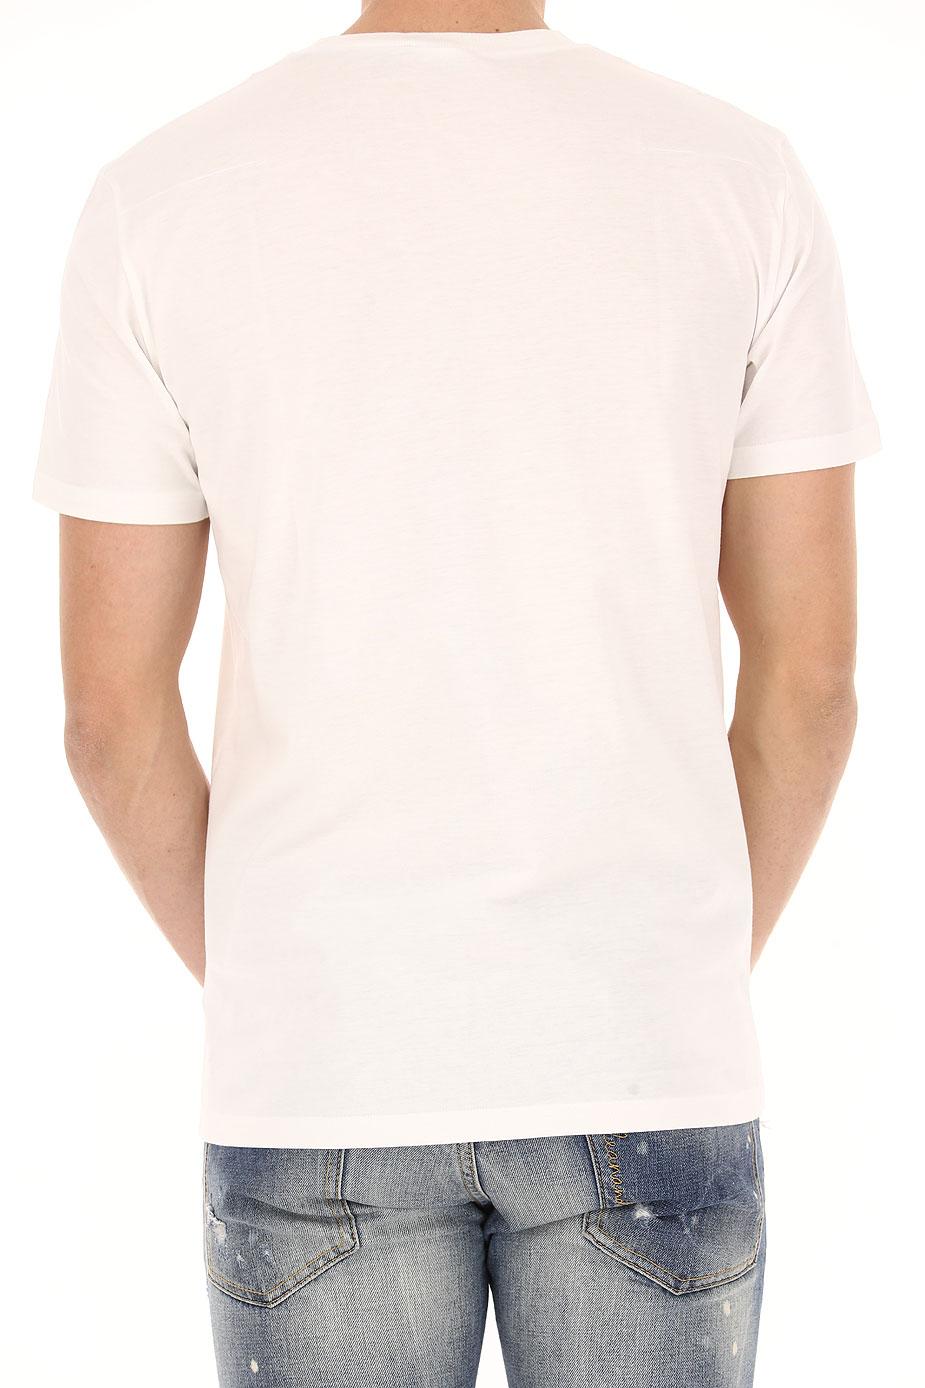 Abbigliamento Uomo Christian Dior, Codice Articolo: 733j603l-0312-089